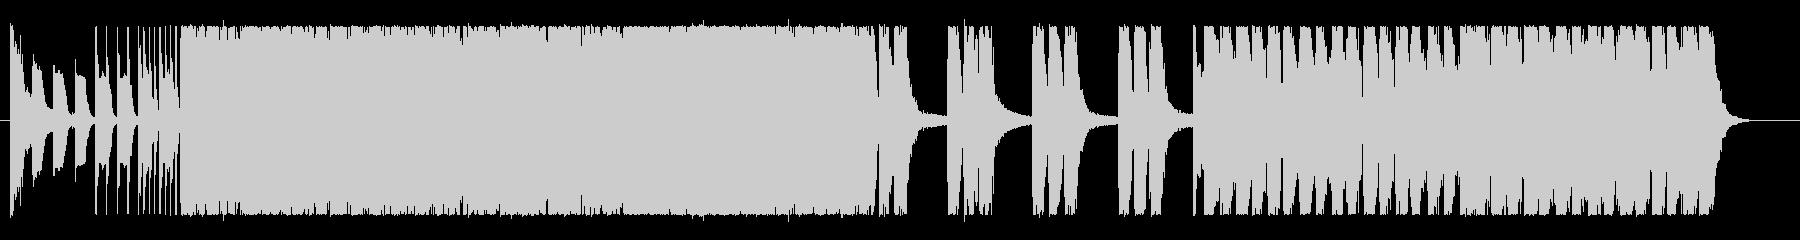 パイプオルガンが印象的なロックインストの未再生の波形